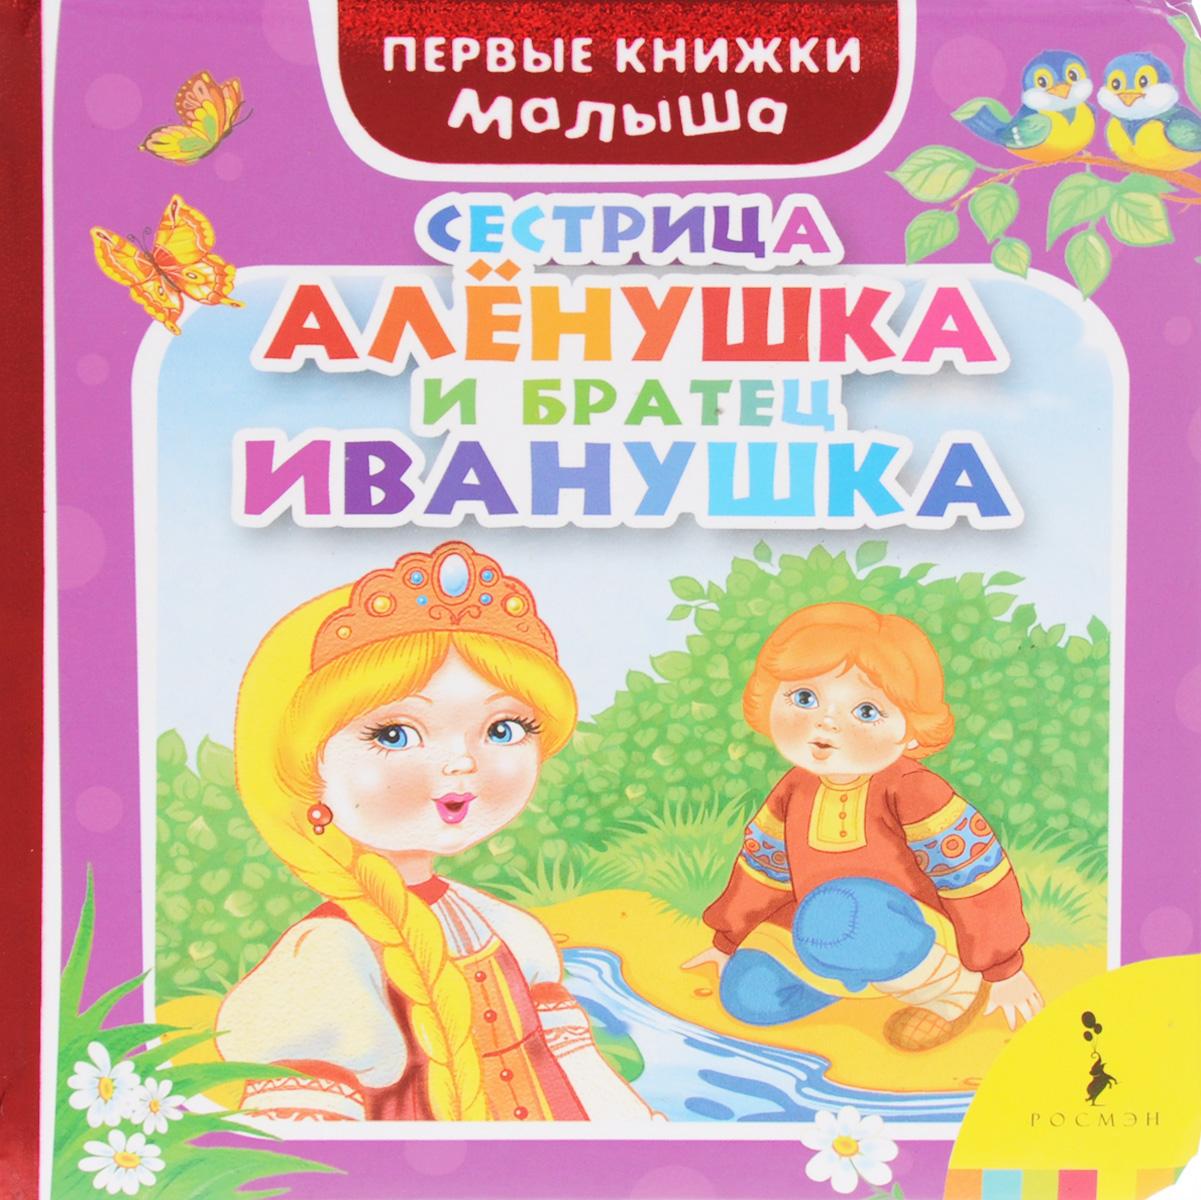 Сестрица Алёнушка и братец Иванушка12296407Серия Первые книжки малыша предназначена для чтения детям от года и включает в себя произведения, подобранные с учётом возраста ребёнка. Любимые сказки, стихи, загадки, песенки и потешки проиллюстрированы талантливыми художниками. Книги с красочными рисунками помогут приобщить малыша к чтению и разовьют его кругозор. Лучшие произведения для малышей. Любимые детские писатели. Яркие иллюстрации.